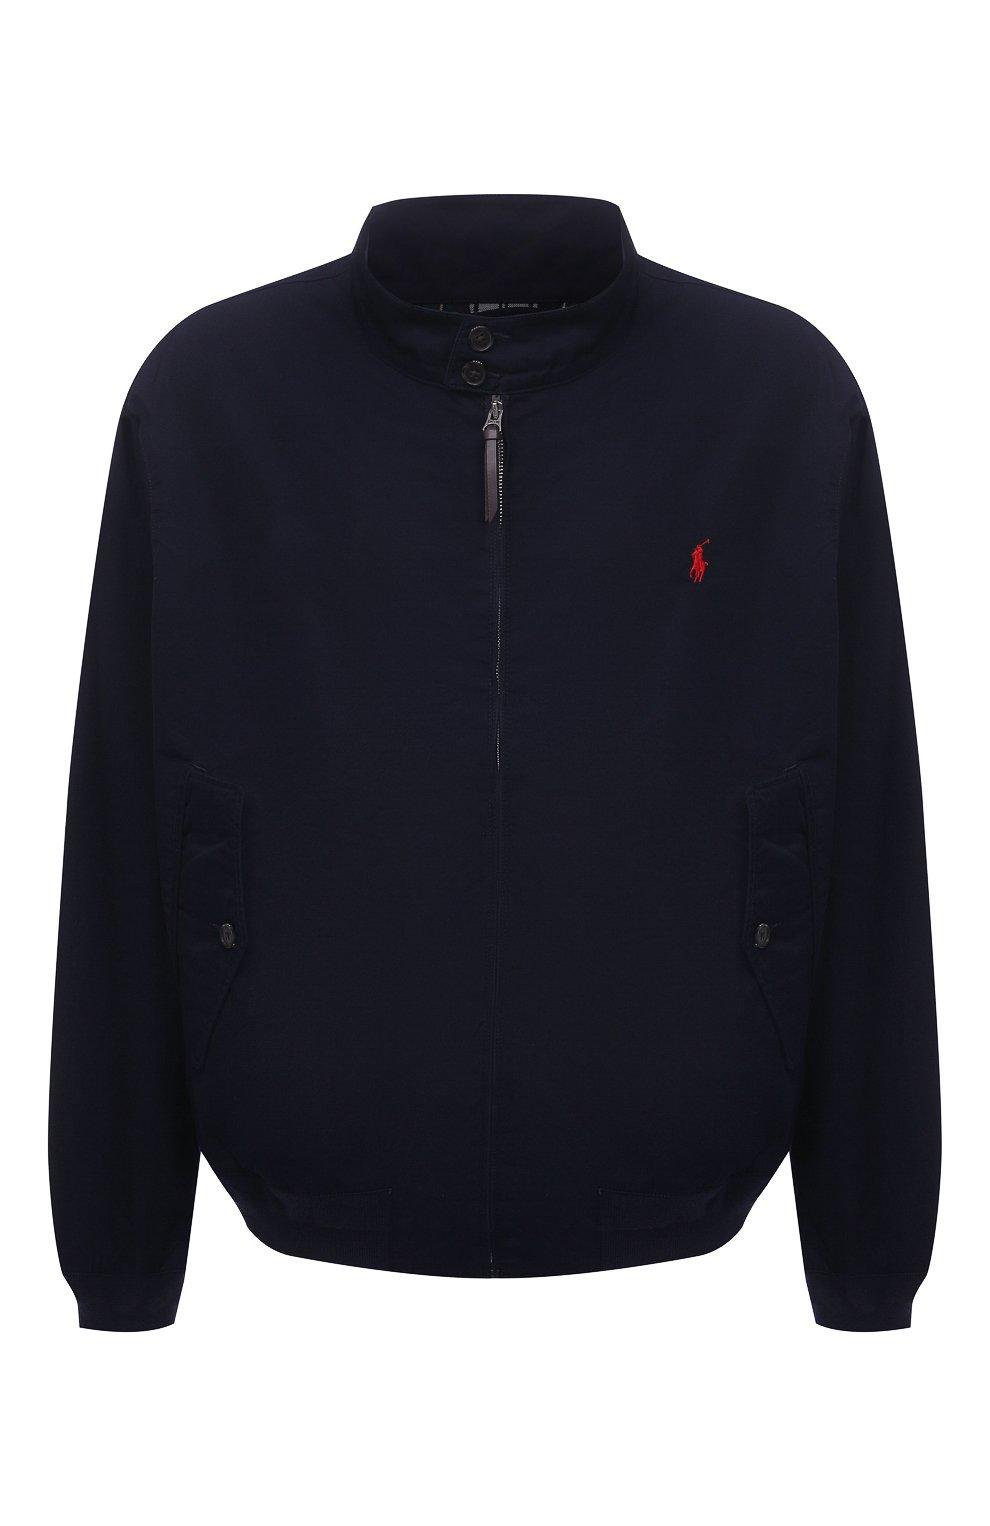 Мужской хлопковый бомбер POLO RALPH LAUREN темно-синего цвета, арт. 711776849/PRL BS   Фото 1 (Кросс-КТ: Куртка; Big sizes: Big Sizes; Рукава: Длинные; Принт: Без принта; Материал внешний: Хлопок; Длина (верхняя одежда): Короткие; Материал подклада: Хлопок; Стили: Кэжуэл)